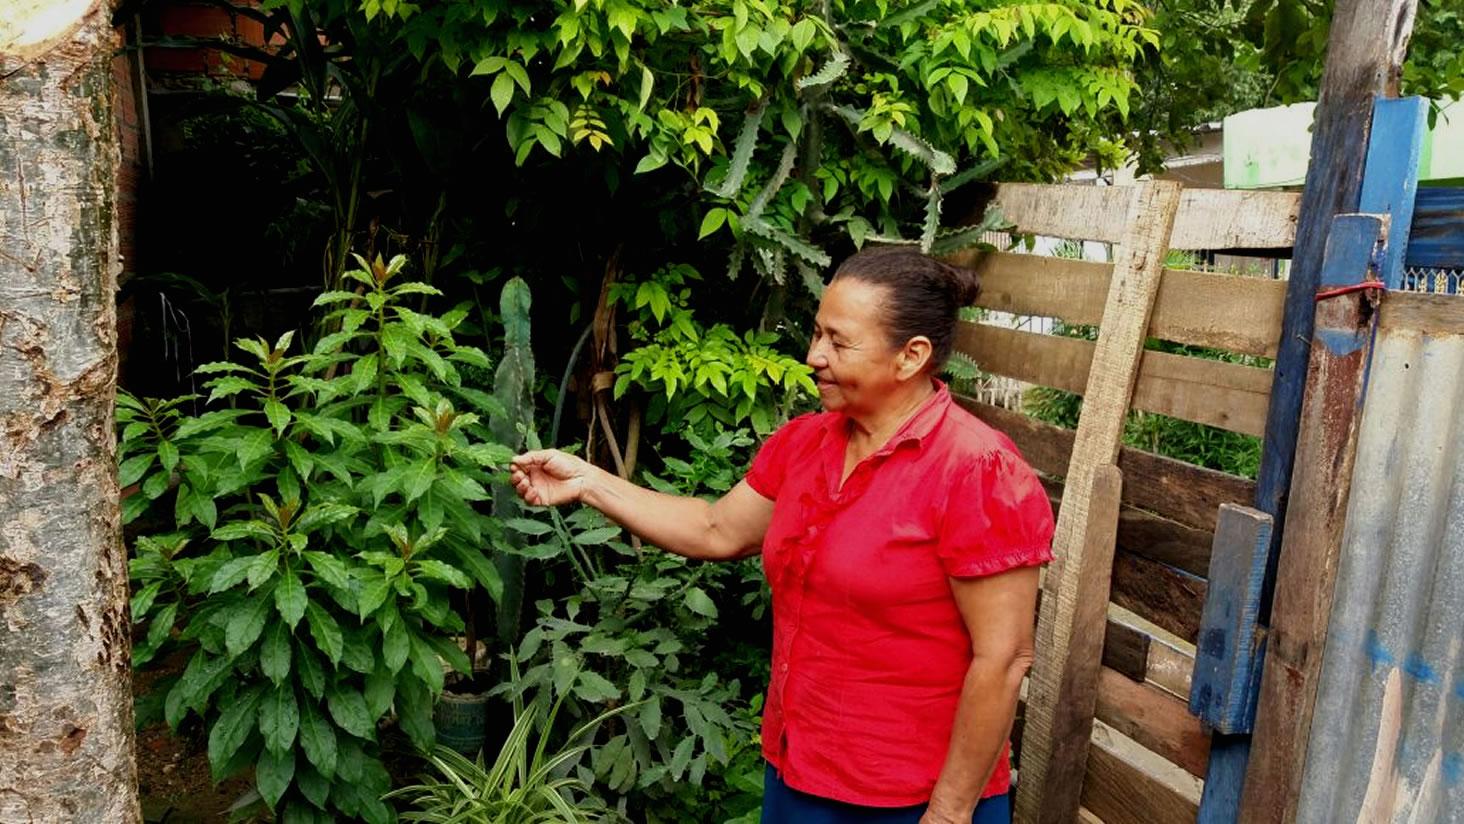 Huertas, símbolo de resistencia en un barrio popular de Cartagena